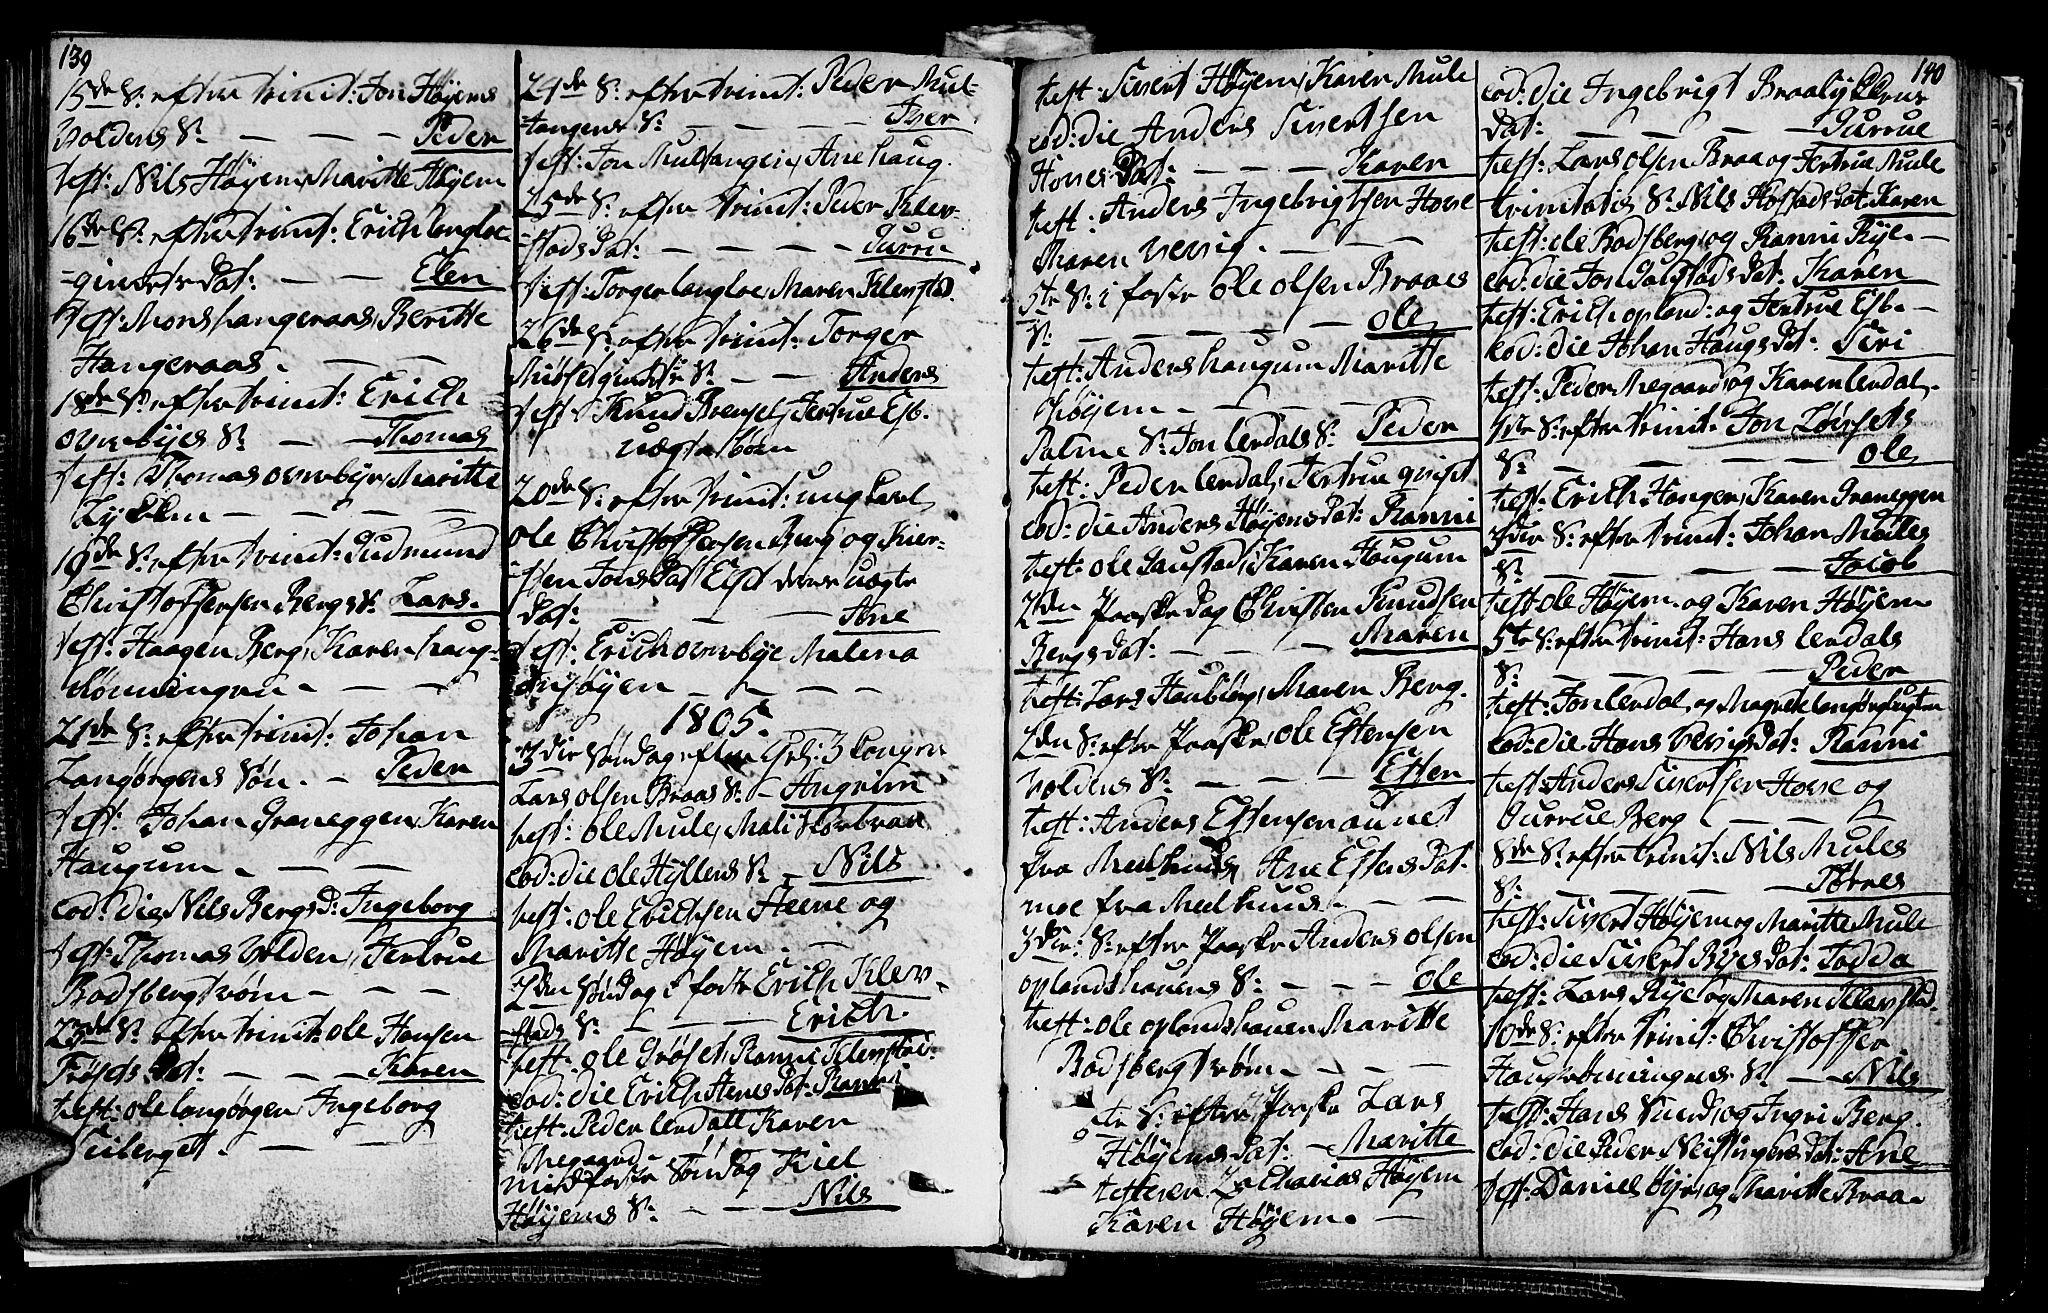 SAT, Ministerialprotokoller, klokkerbøker og fødselsregistre - Sør-Trøndelag, 612/L0371: Ministerialbok nr. 612A05, 1803-1816, s. 139-140